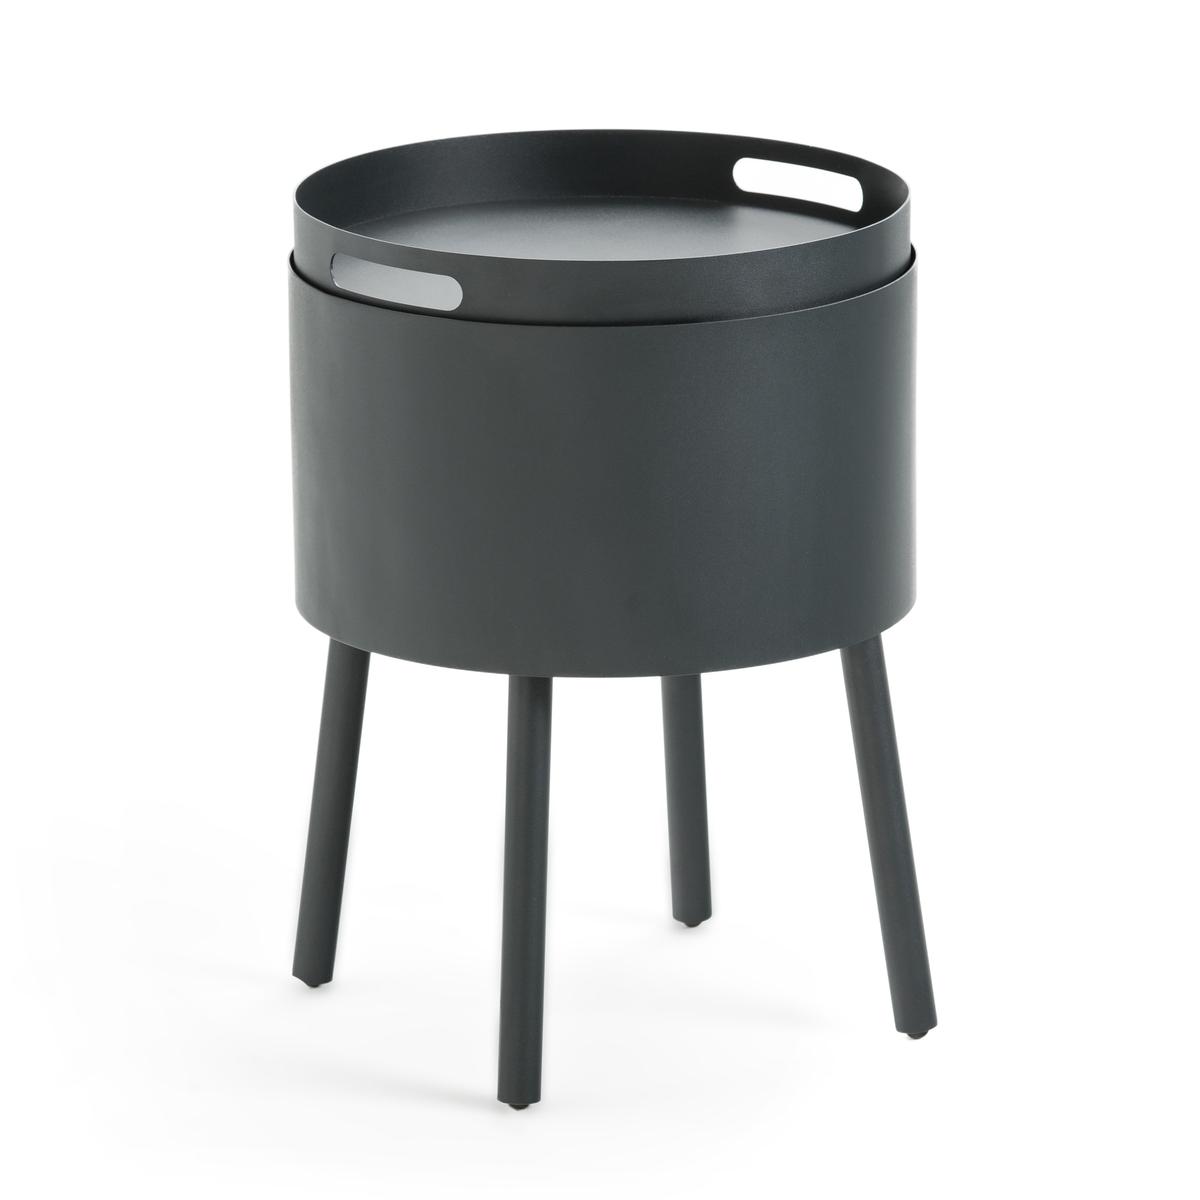 Столик LaRedoute Прикроватный из металла Coubadi единый размер серый